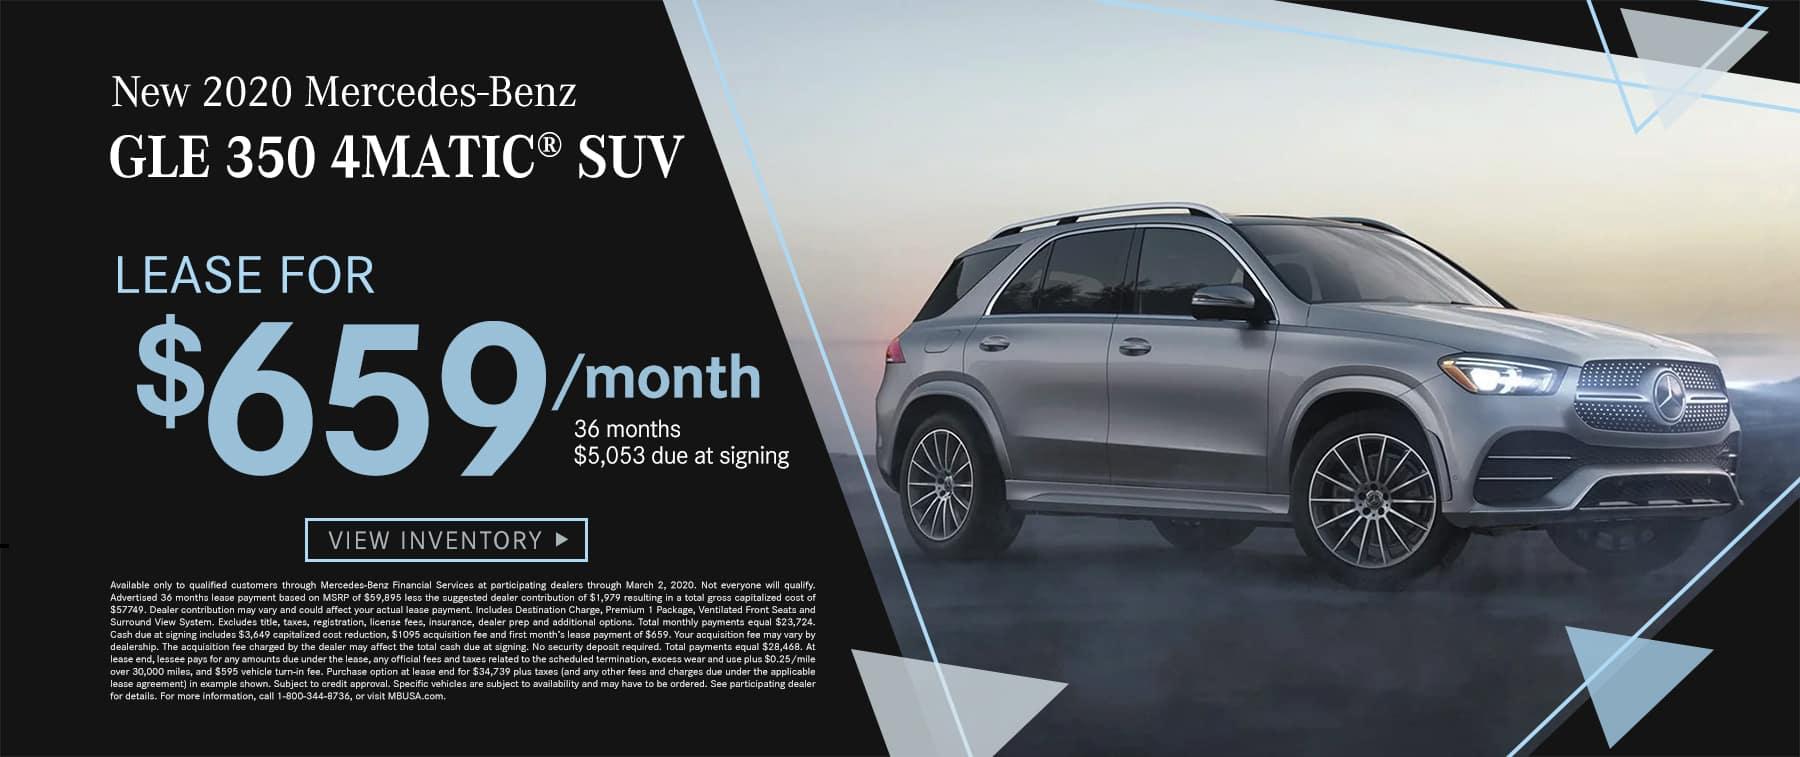 2020 GLE 350 4MATIC® SUV $659 Per Month